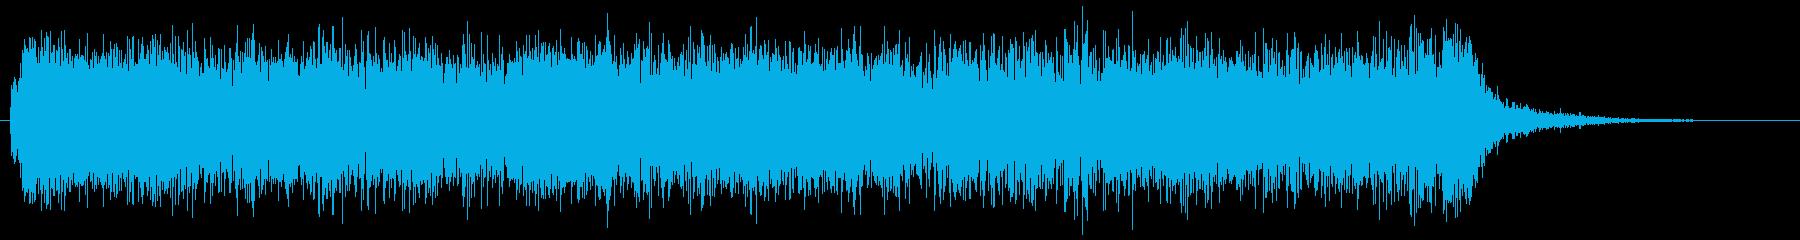 メタルギターフレーズ 様式美 141Bの再生済みの波形